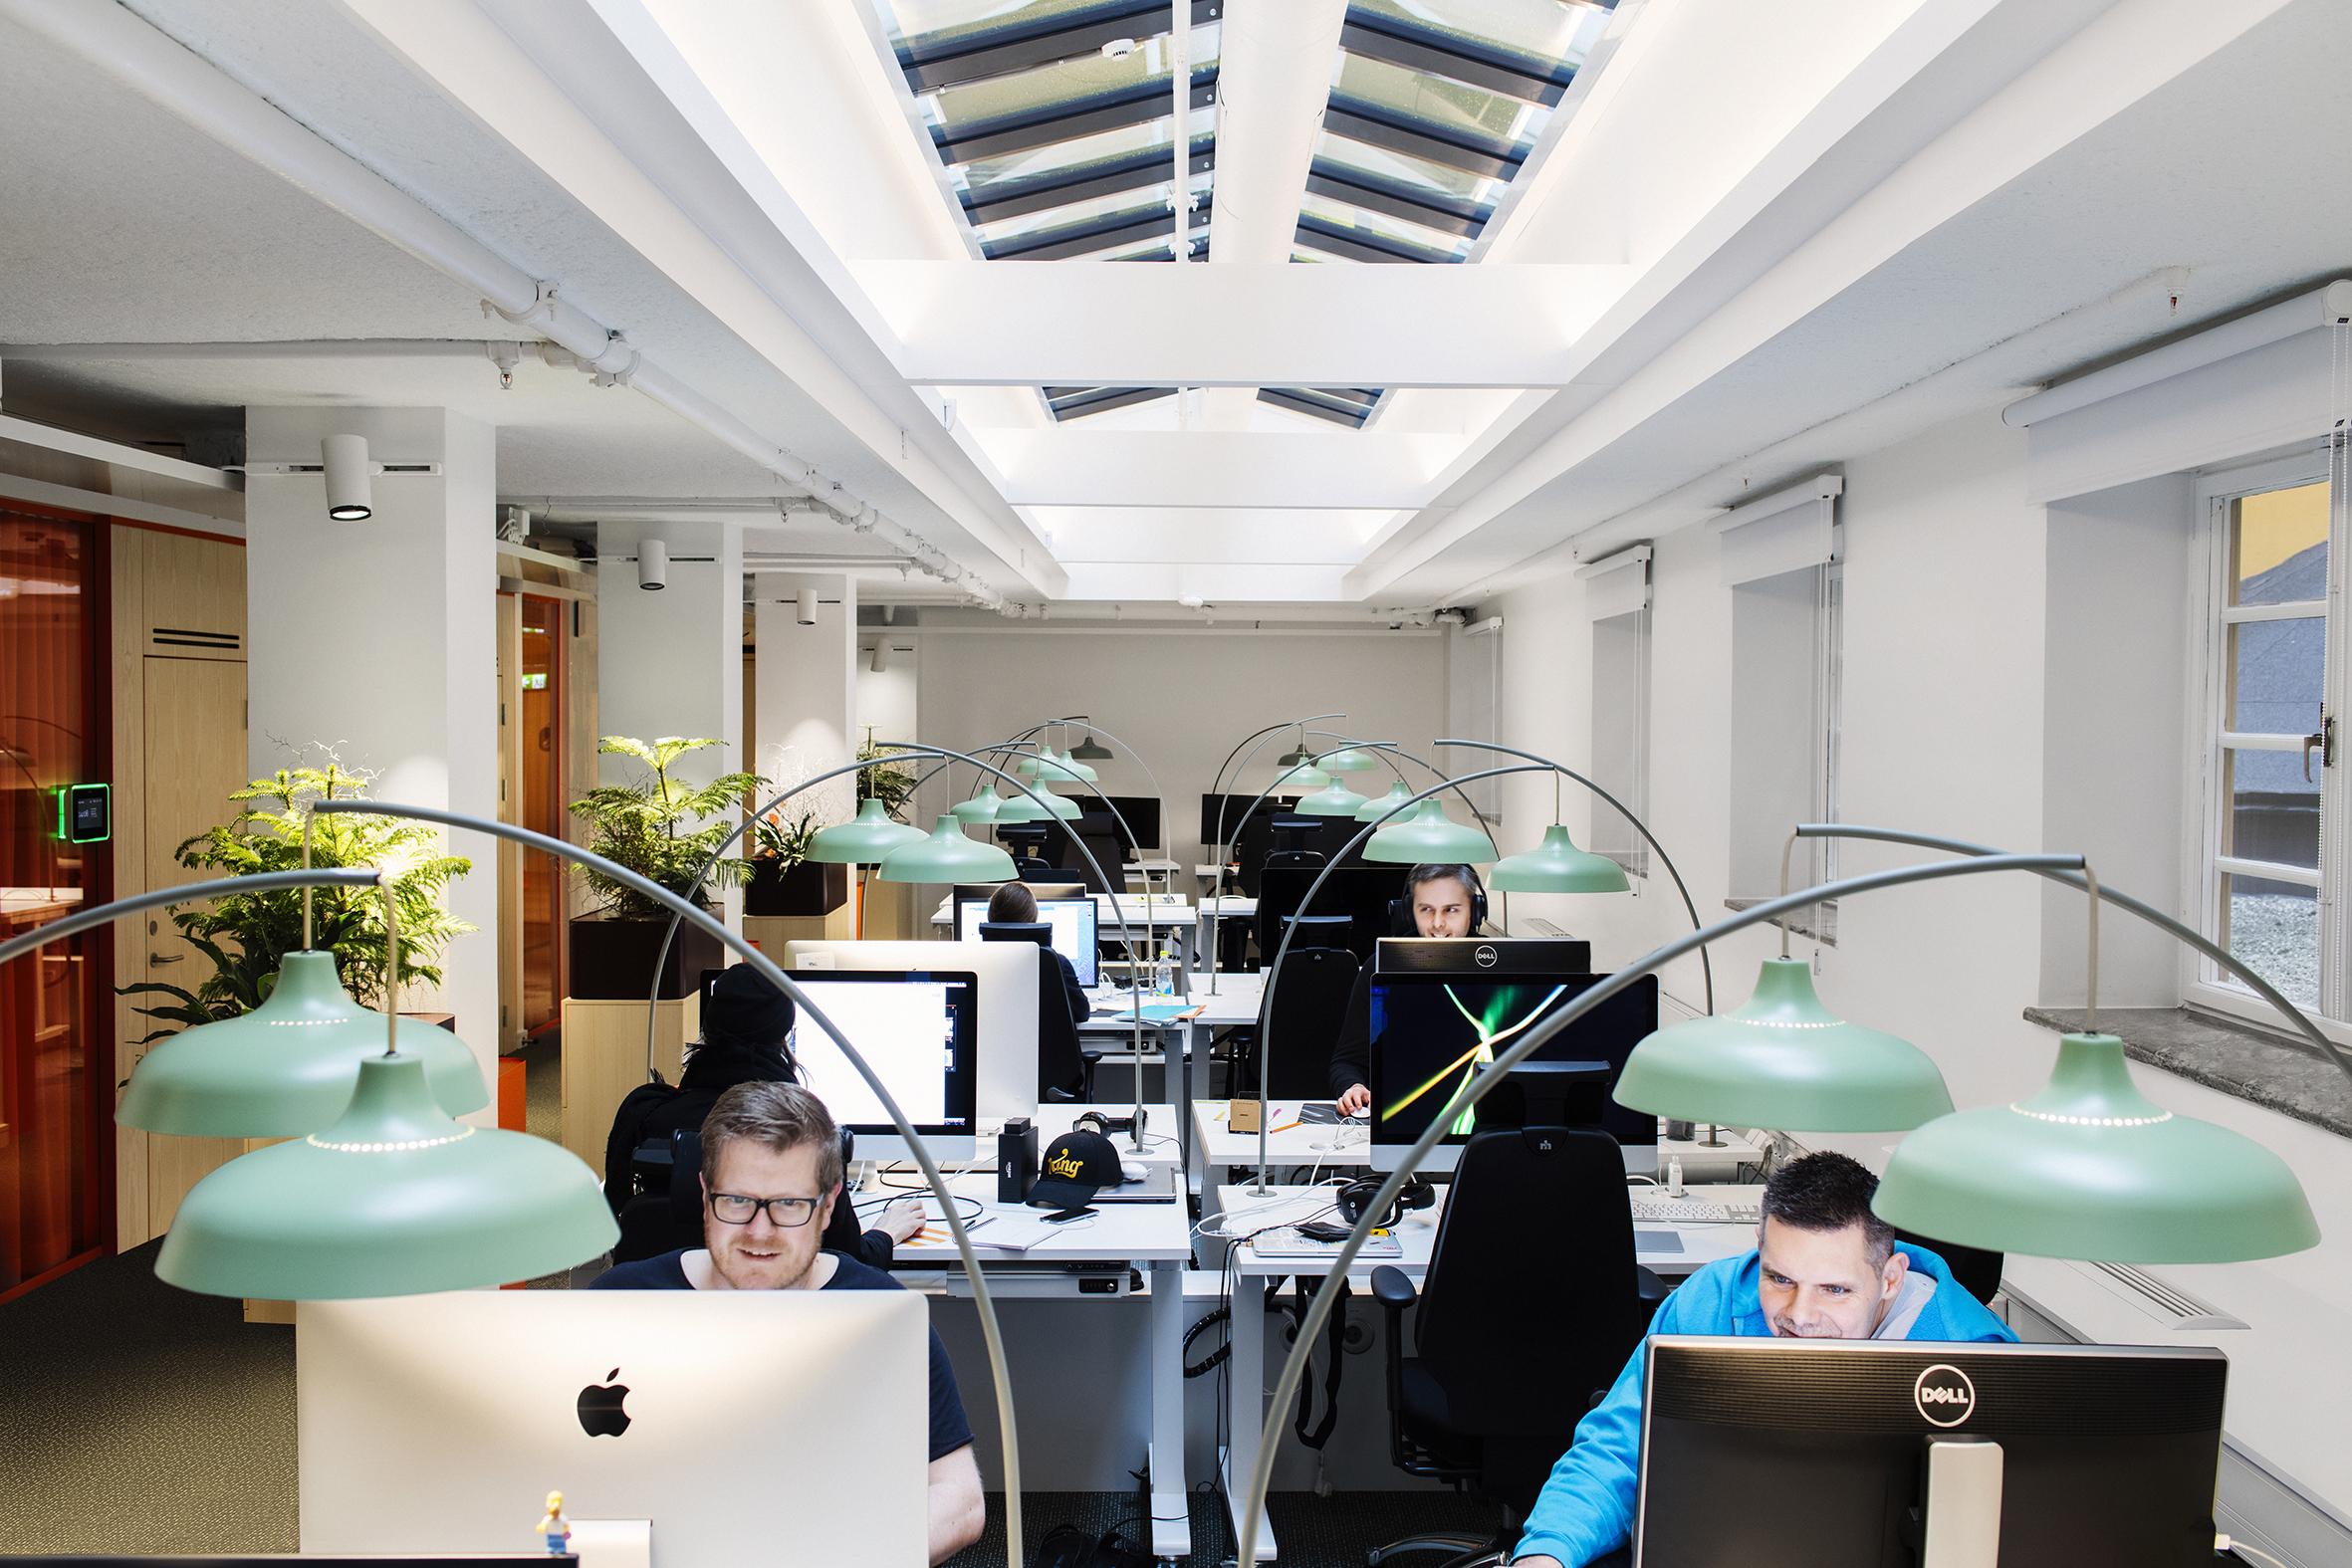 Stoccolma. King Game Studios. Insieme ai designer di Adolfsson & Partners, ÅF Lighting ha creato un apparecchio di illuminazione per le postazioni di lavoro mobili (courtesy: ÅF Lighting) (courtesy photo: Joachim Belaieff - / Adolfsson & Partners)